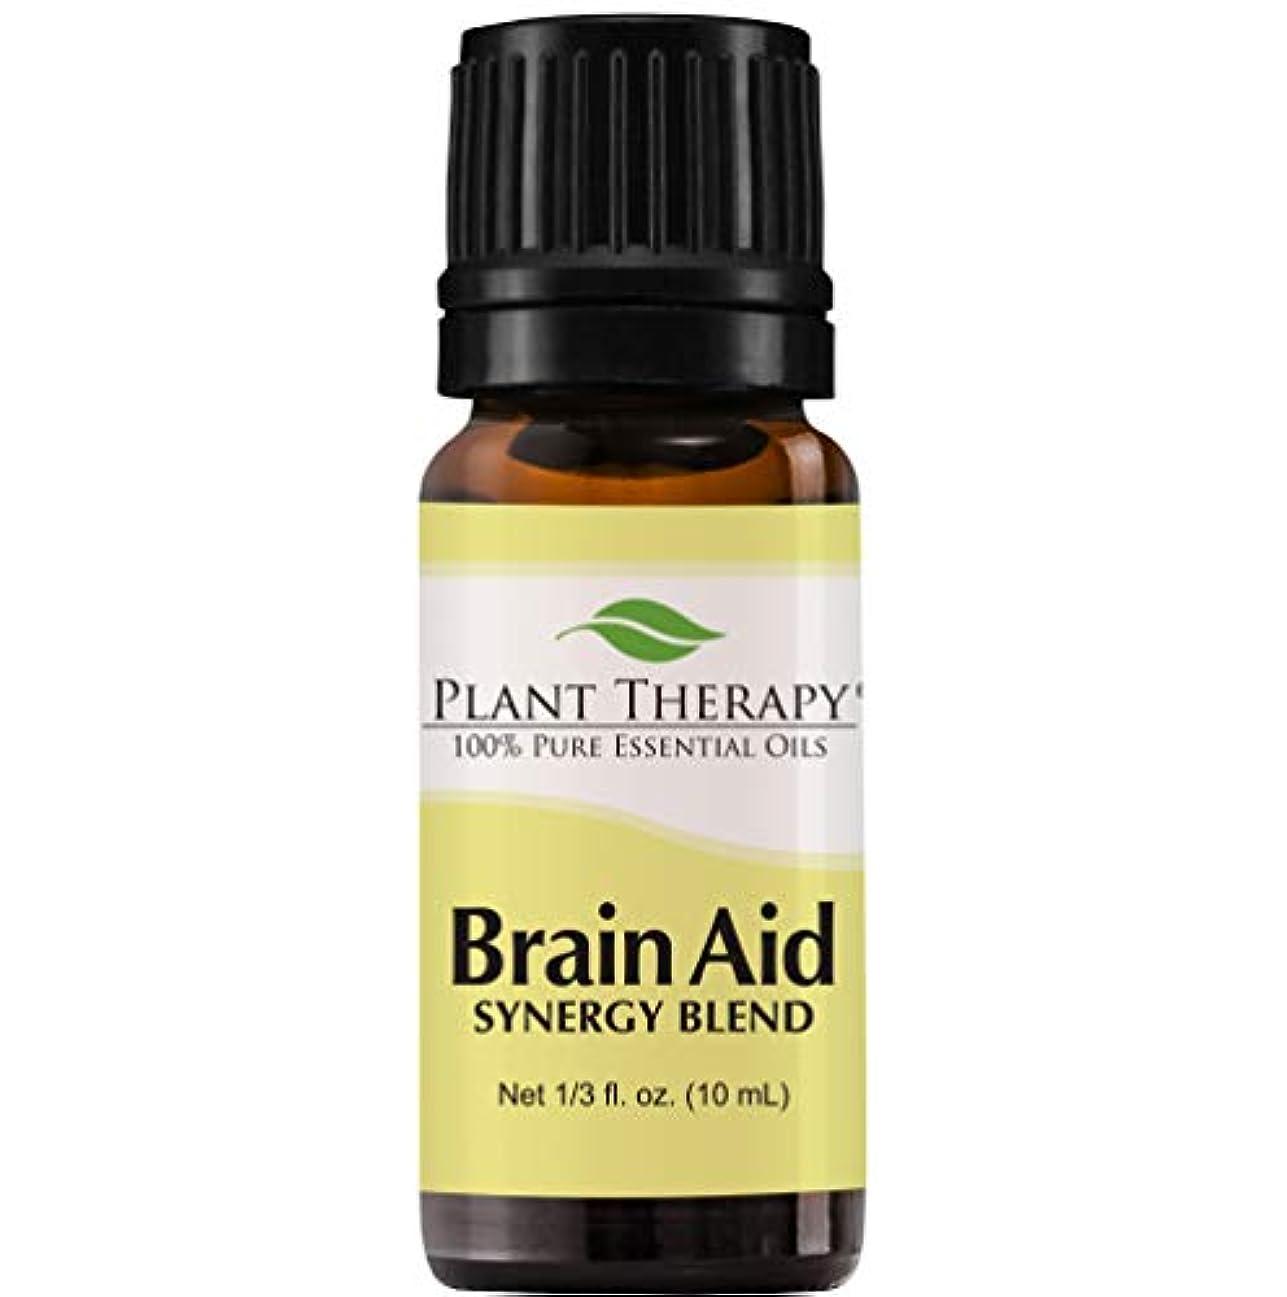 むさぼり食うファーザーファージュハプニング脳援助シナジー(精神的な焦点と明確にするため)。エッセンシャルオイルブレンド。 10ミリリットル(1/3オンス)。 100%ピュア、希釈していない、治療グレード。